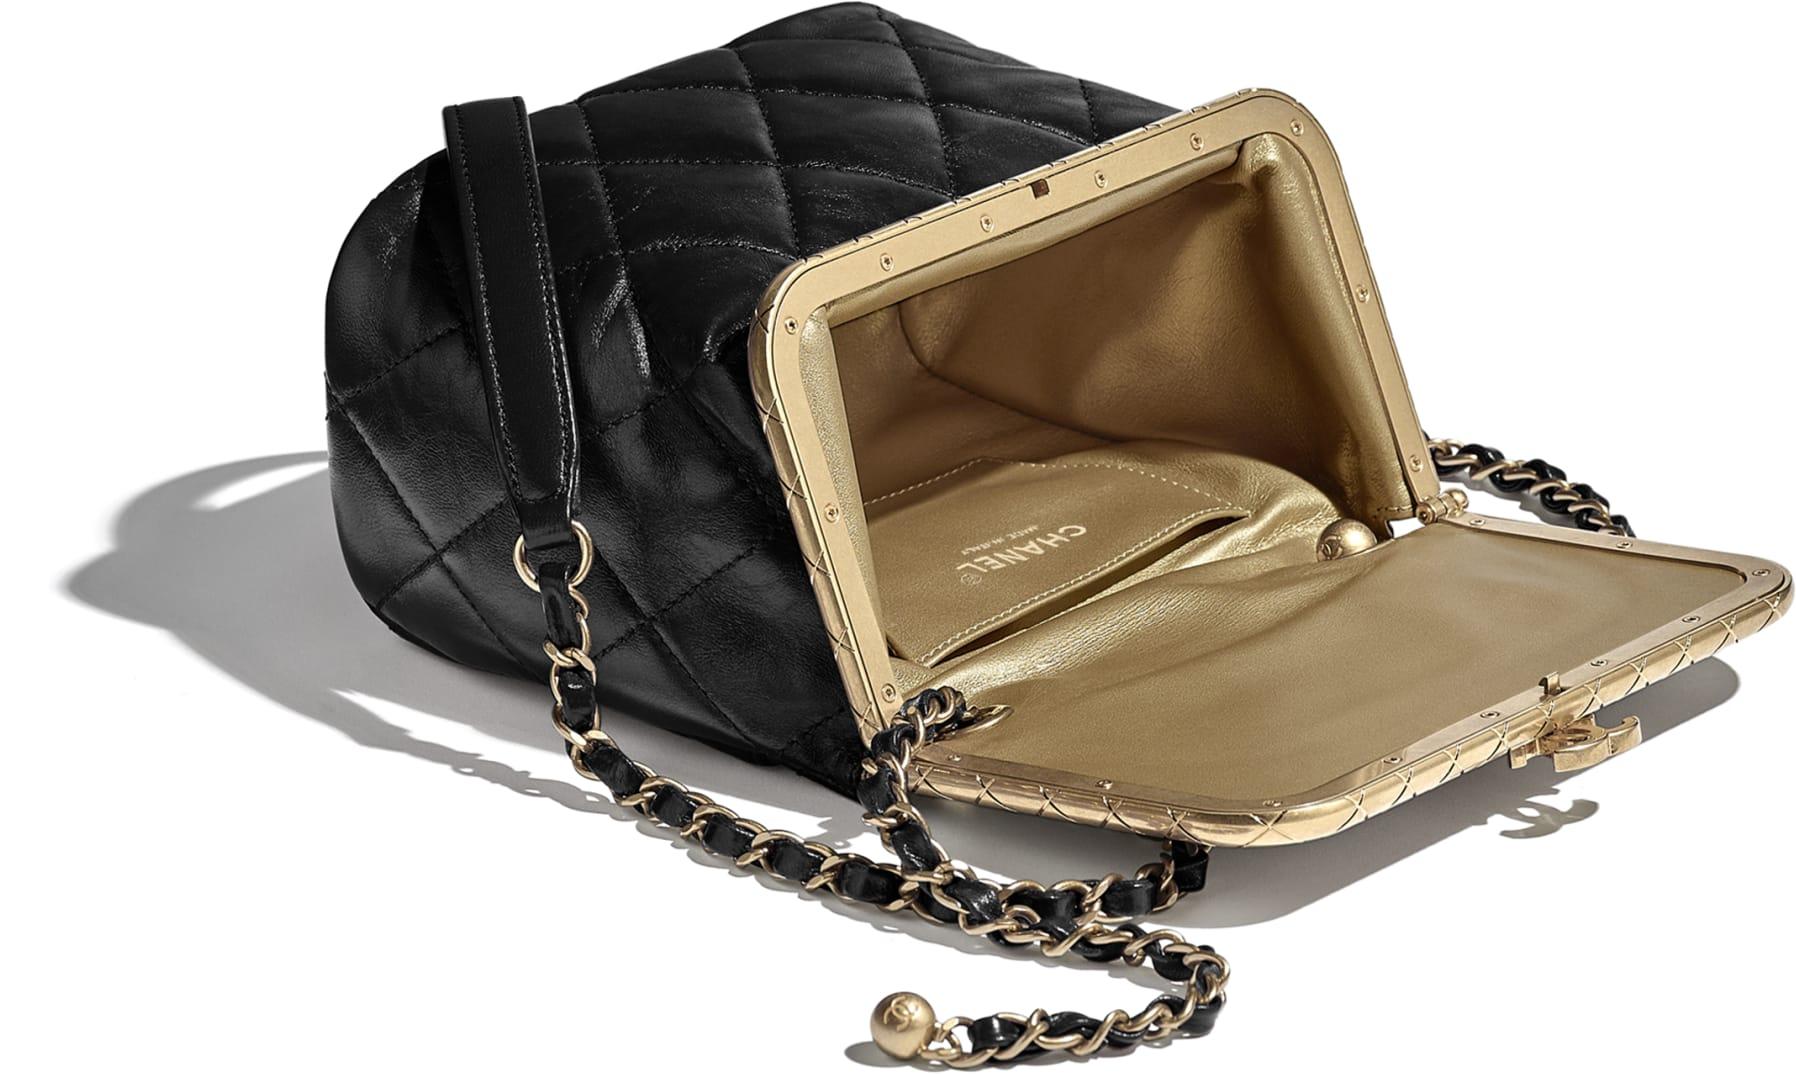 Kiss-Lock Bag